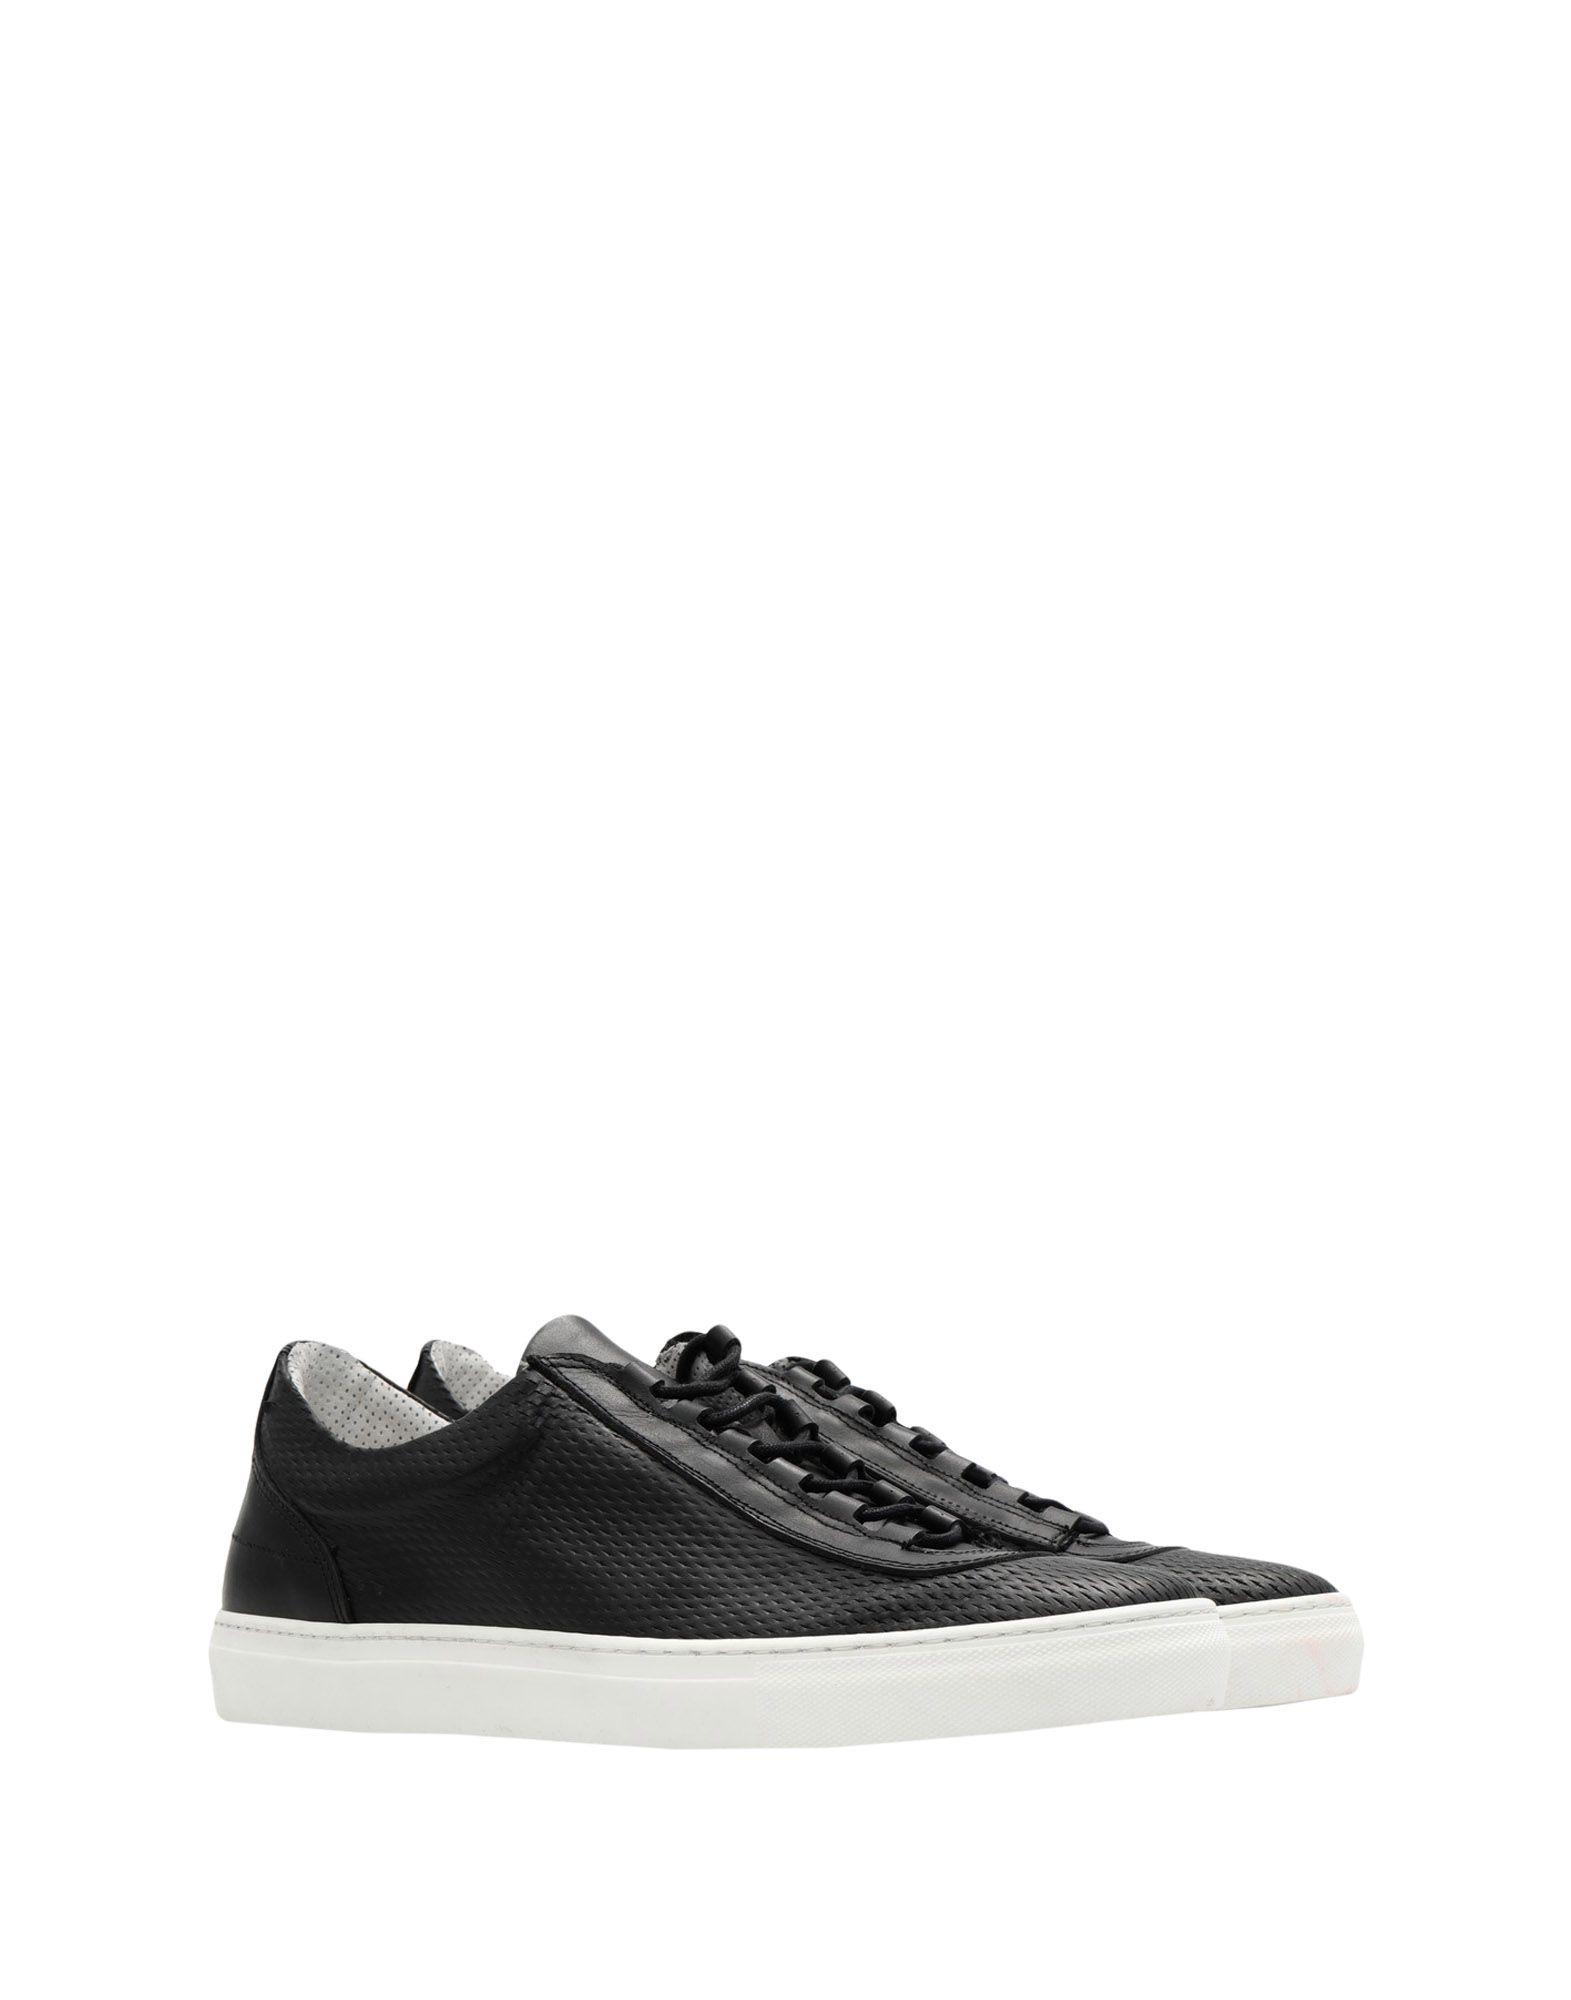 Edwa Sneakers - Men Edwa Sneakers Sneakers Sneakers online on  Australia - 11458292TK 194fb5